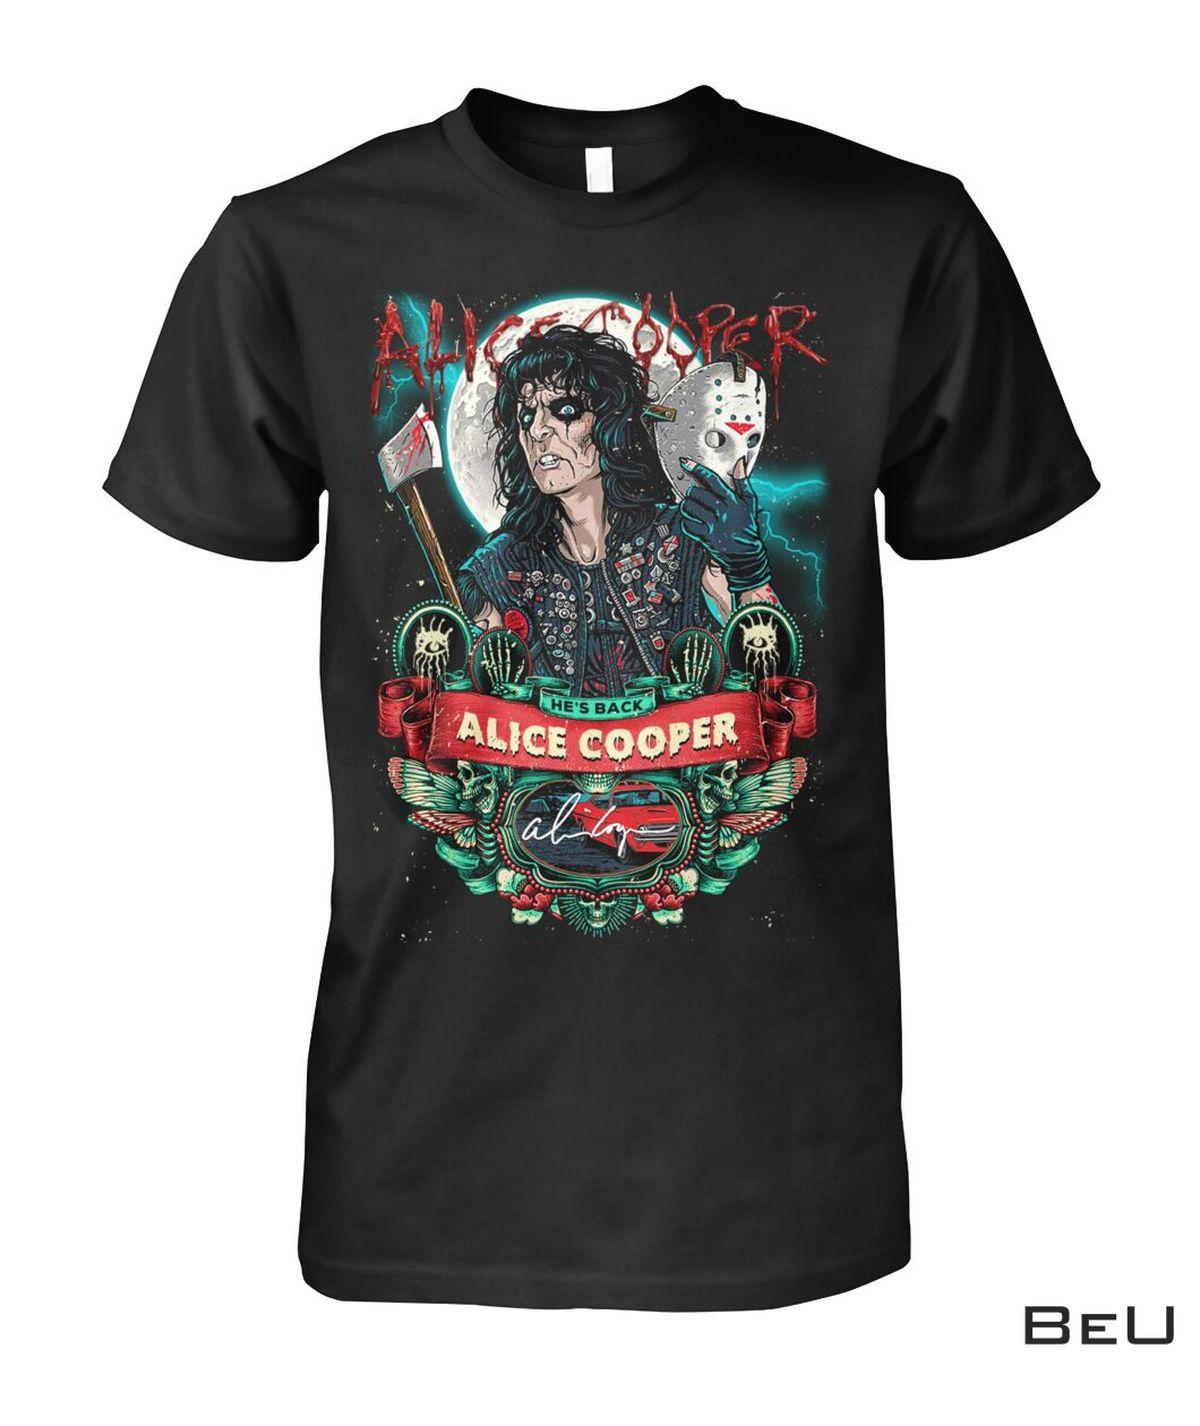 He's Back Alice Cooper Jason Voorhees Shirt